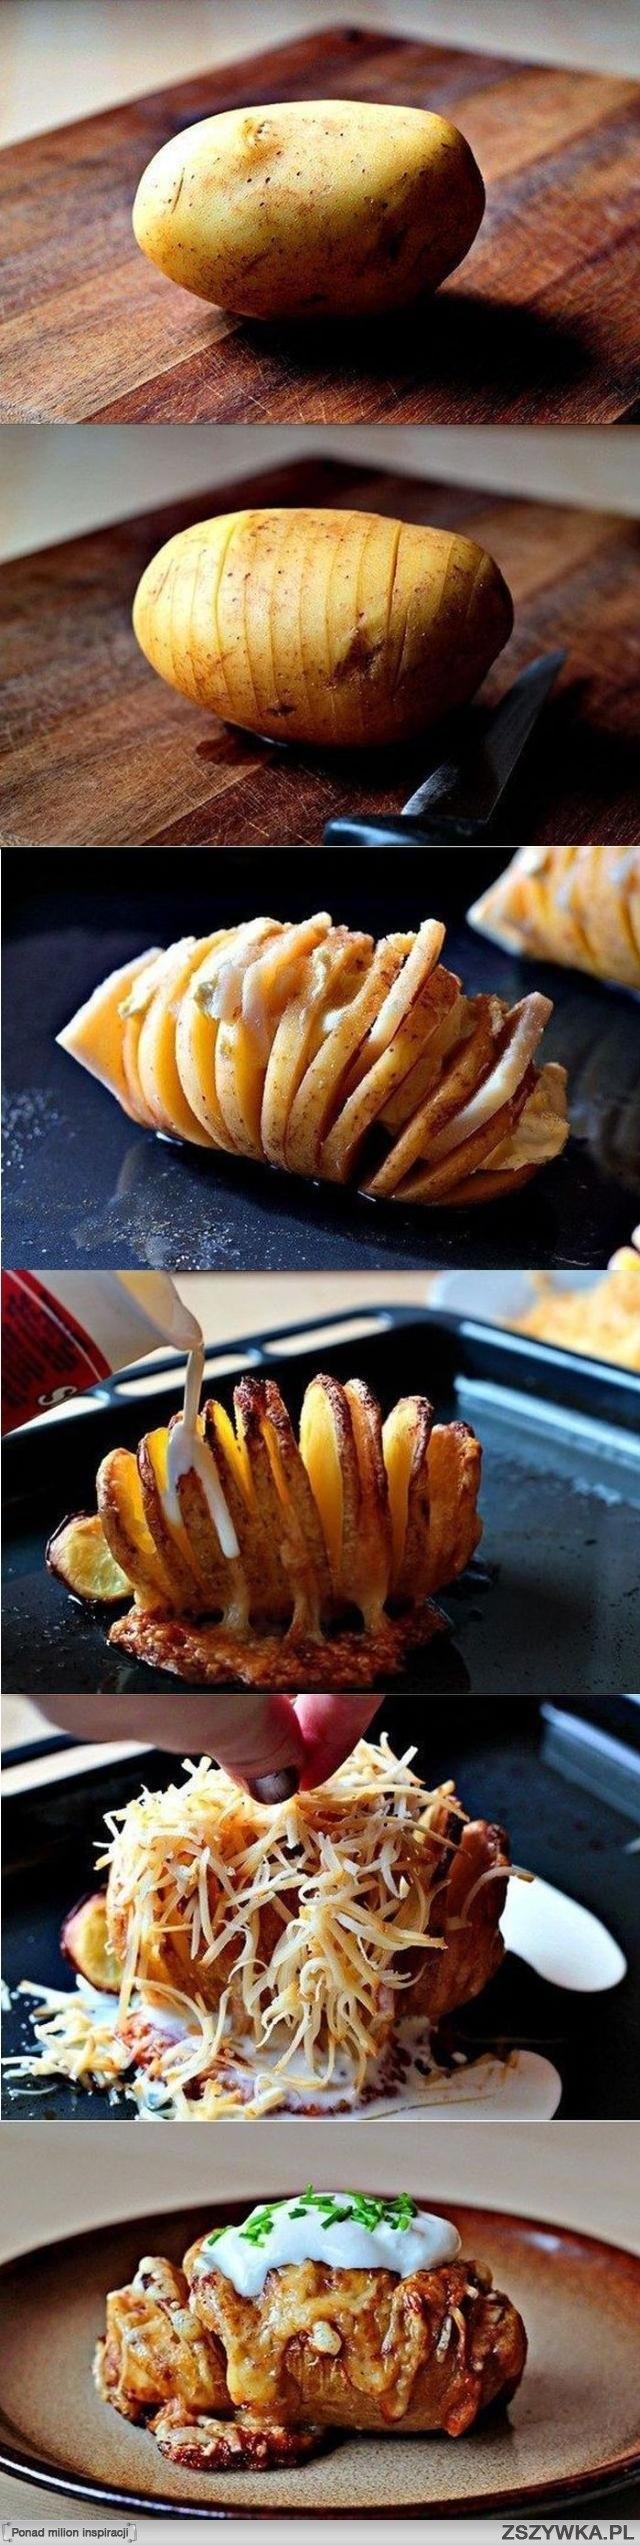 Rozkrój ziemniaka :)  Ziemniaka obrać i pokroić , i np. boczek wcisnąć miedzy rozkrojenia lub pokrojony w kostkę obsypać ziemniaki , podpiec w piekarniku pod folią (szybciej się zrobi) około 20-30 min , zdjąć folię i jeszcze z 10 min podpiec następnie posypać mozarellą i piec aż ser się rozpuści. Ziemniaki mozna tez dla lepszego smaku delikatnie obsypać jakimiś ziołami np. tzatzykami.